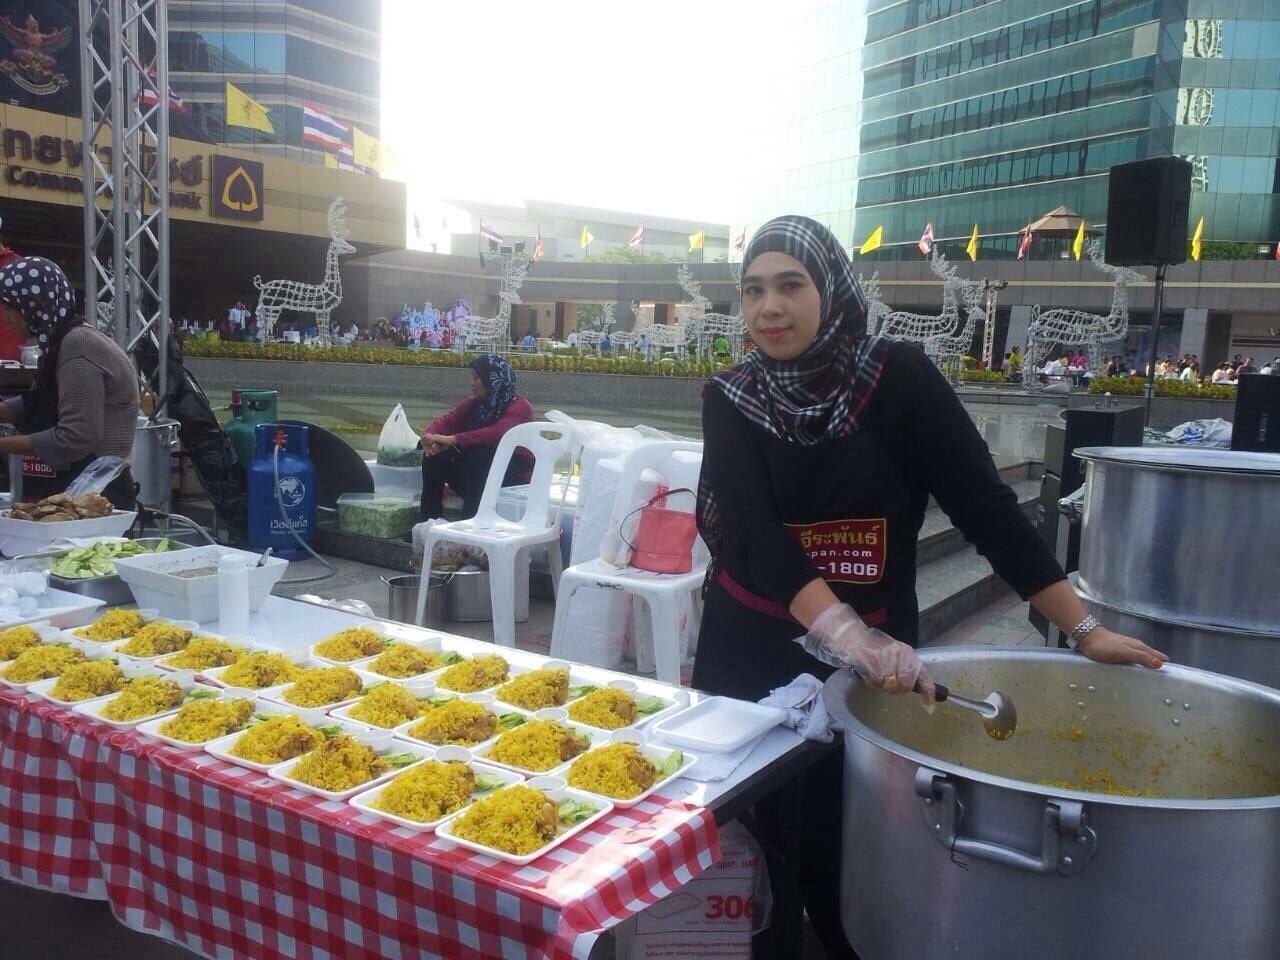 บริการ บุฟเฟ่ต์ ฮาลาล ด้วยมืออาชีพ รับประกันเรื่องความอร่อย